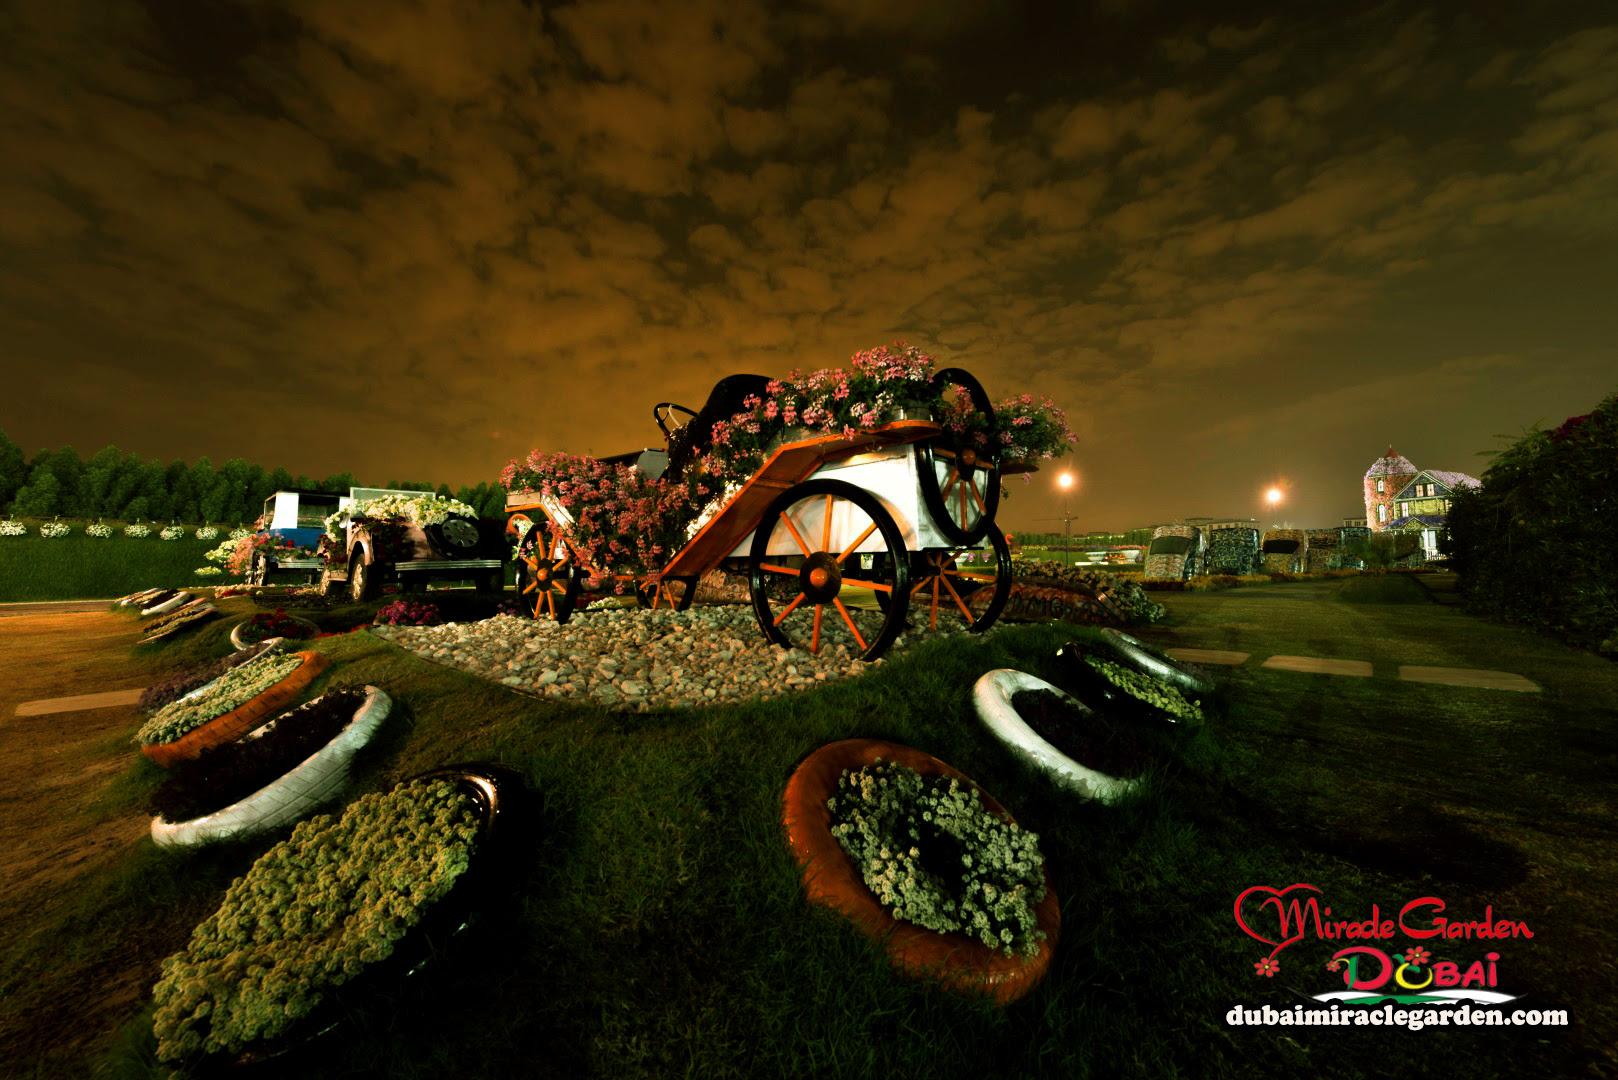 Dubai Miracle Garden 11